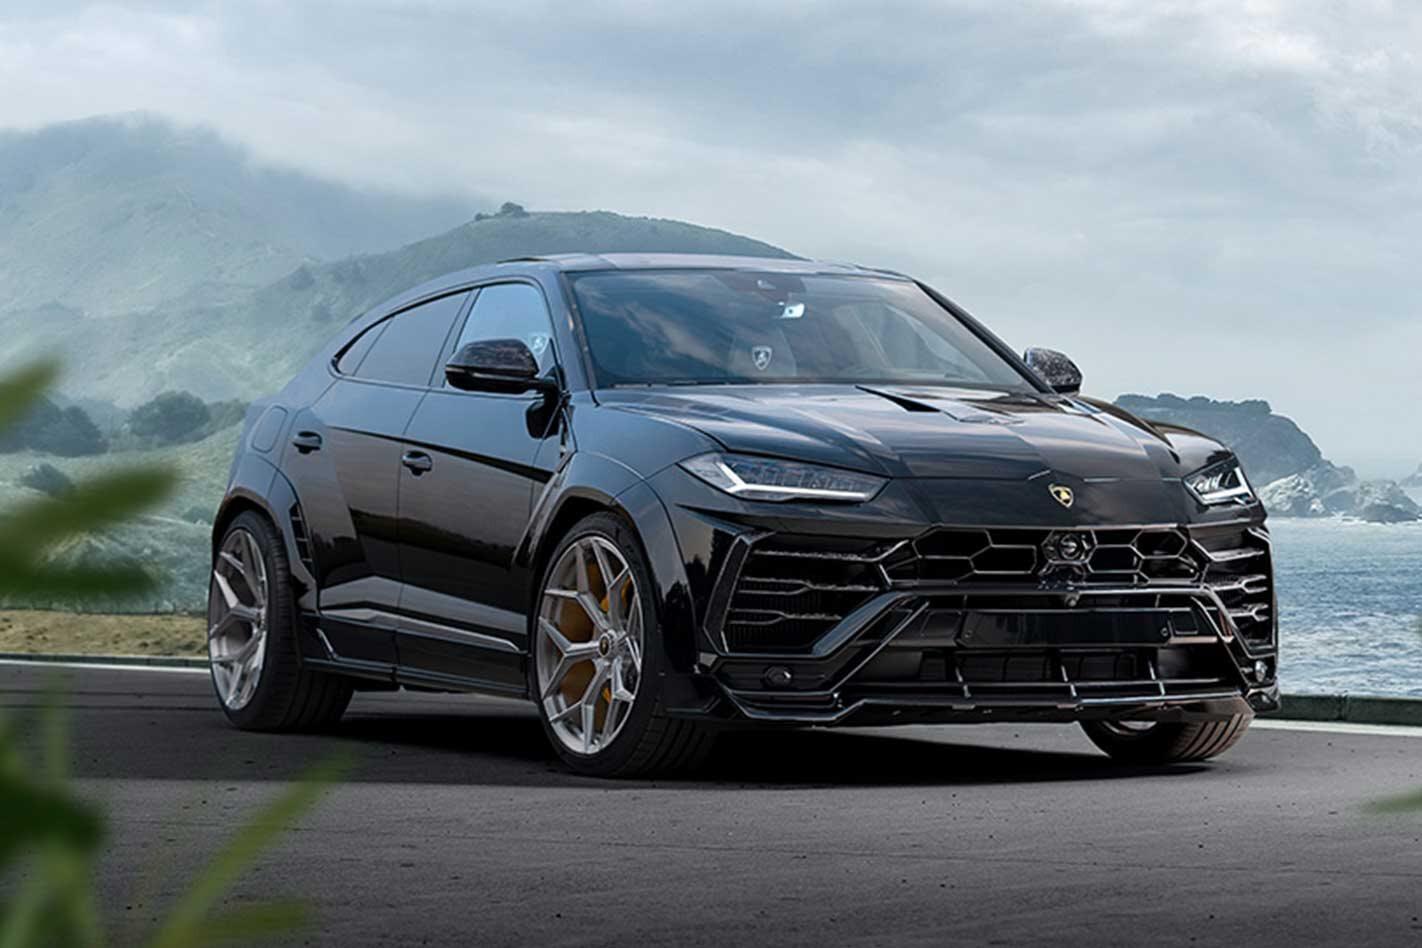 Novitec reveals Lamborghini Urus upgrades Frankfurt 2019